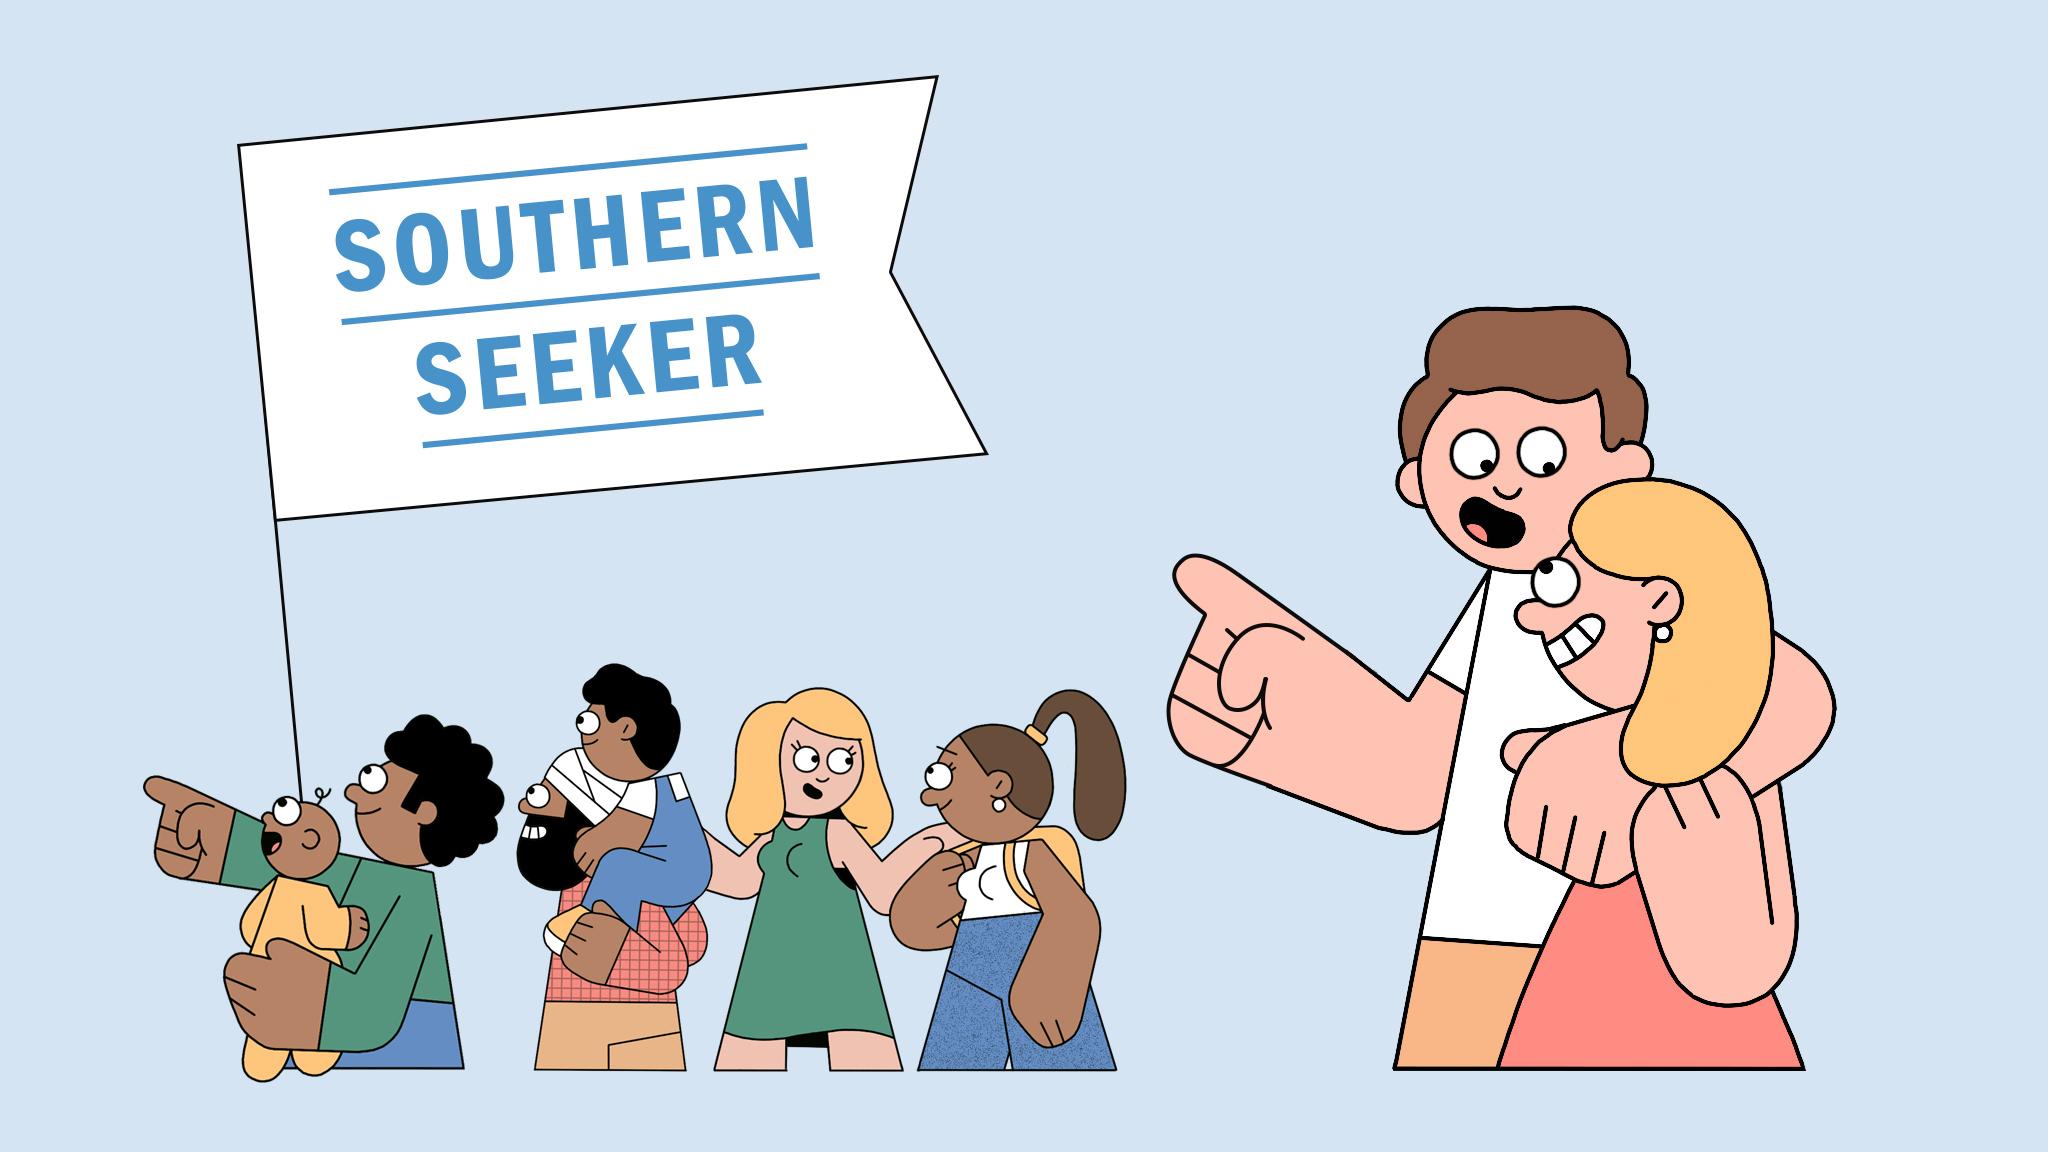 Southern Seeker